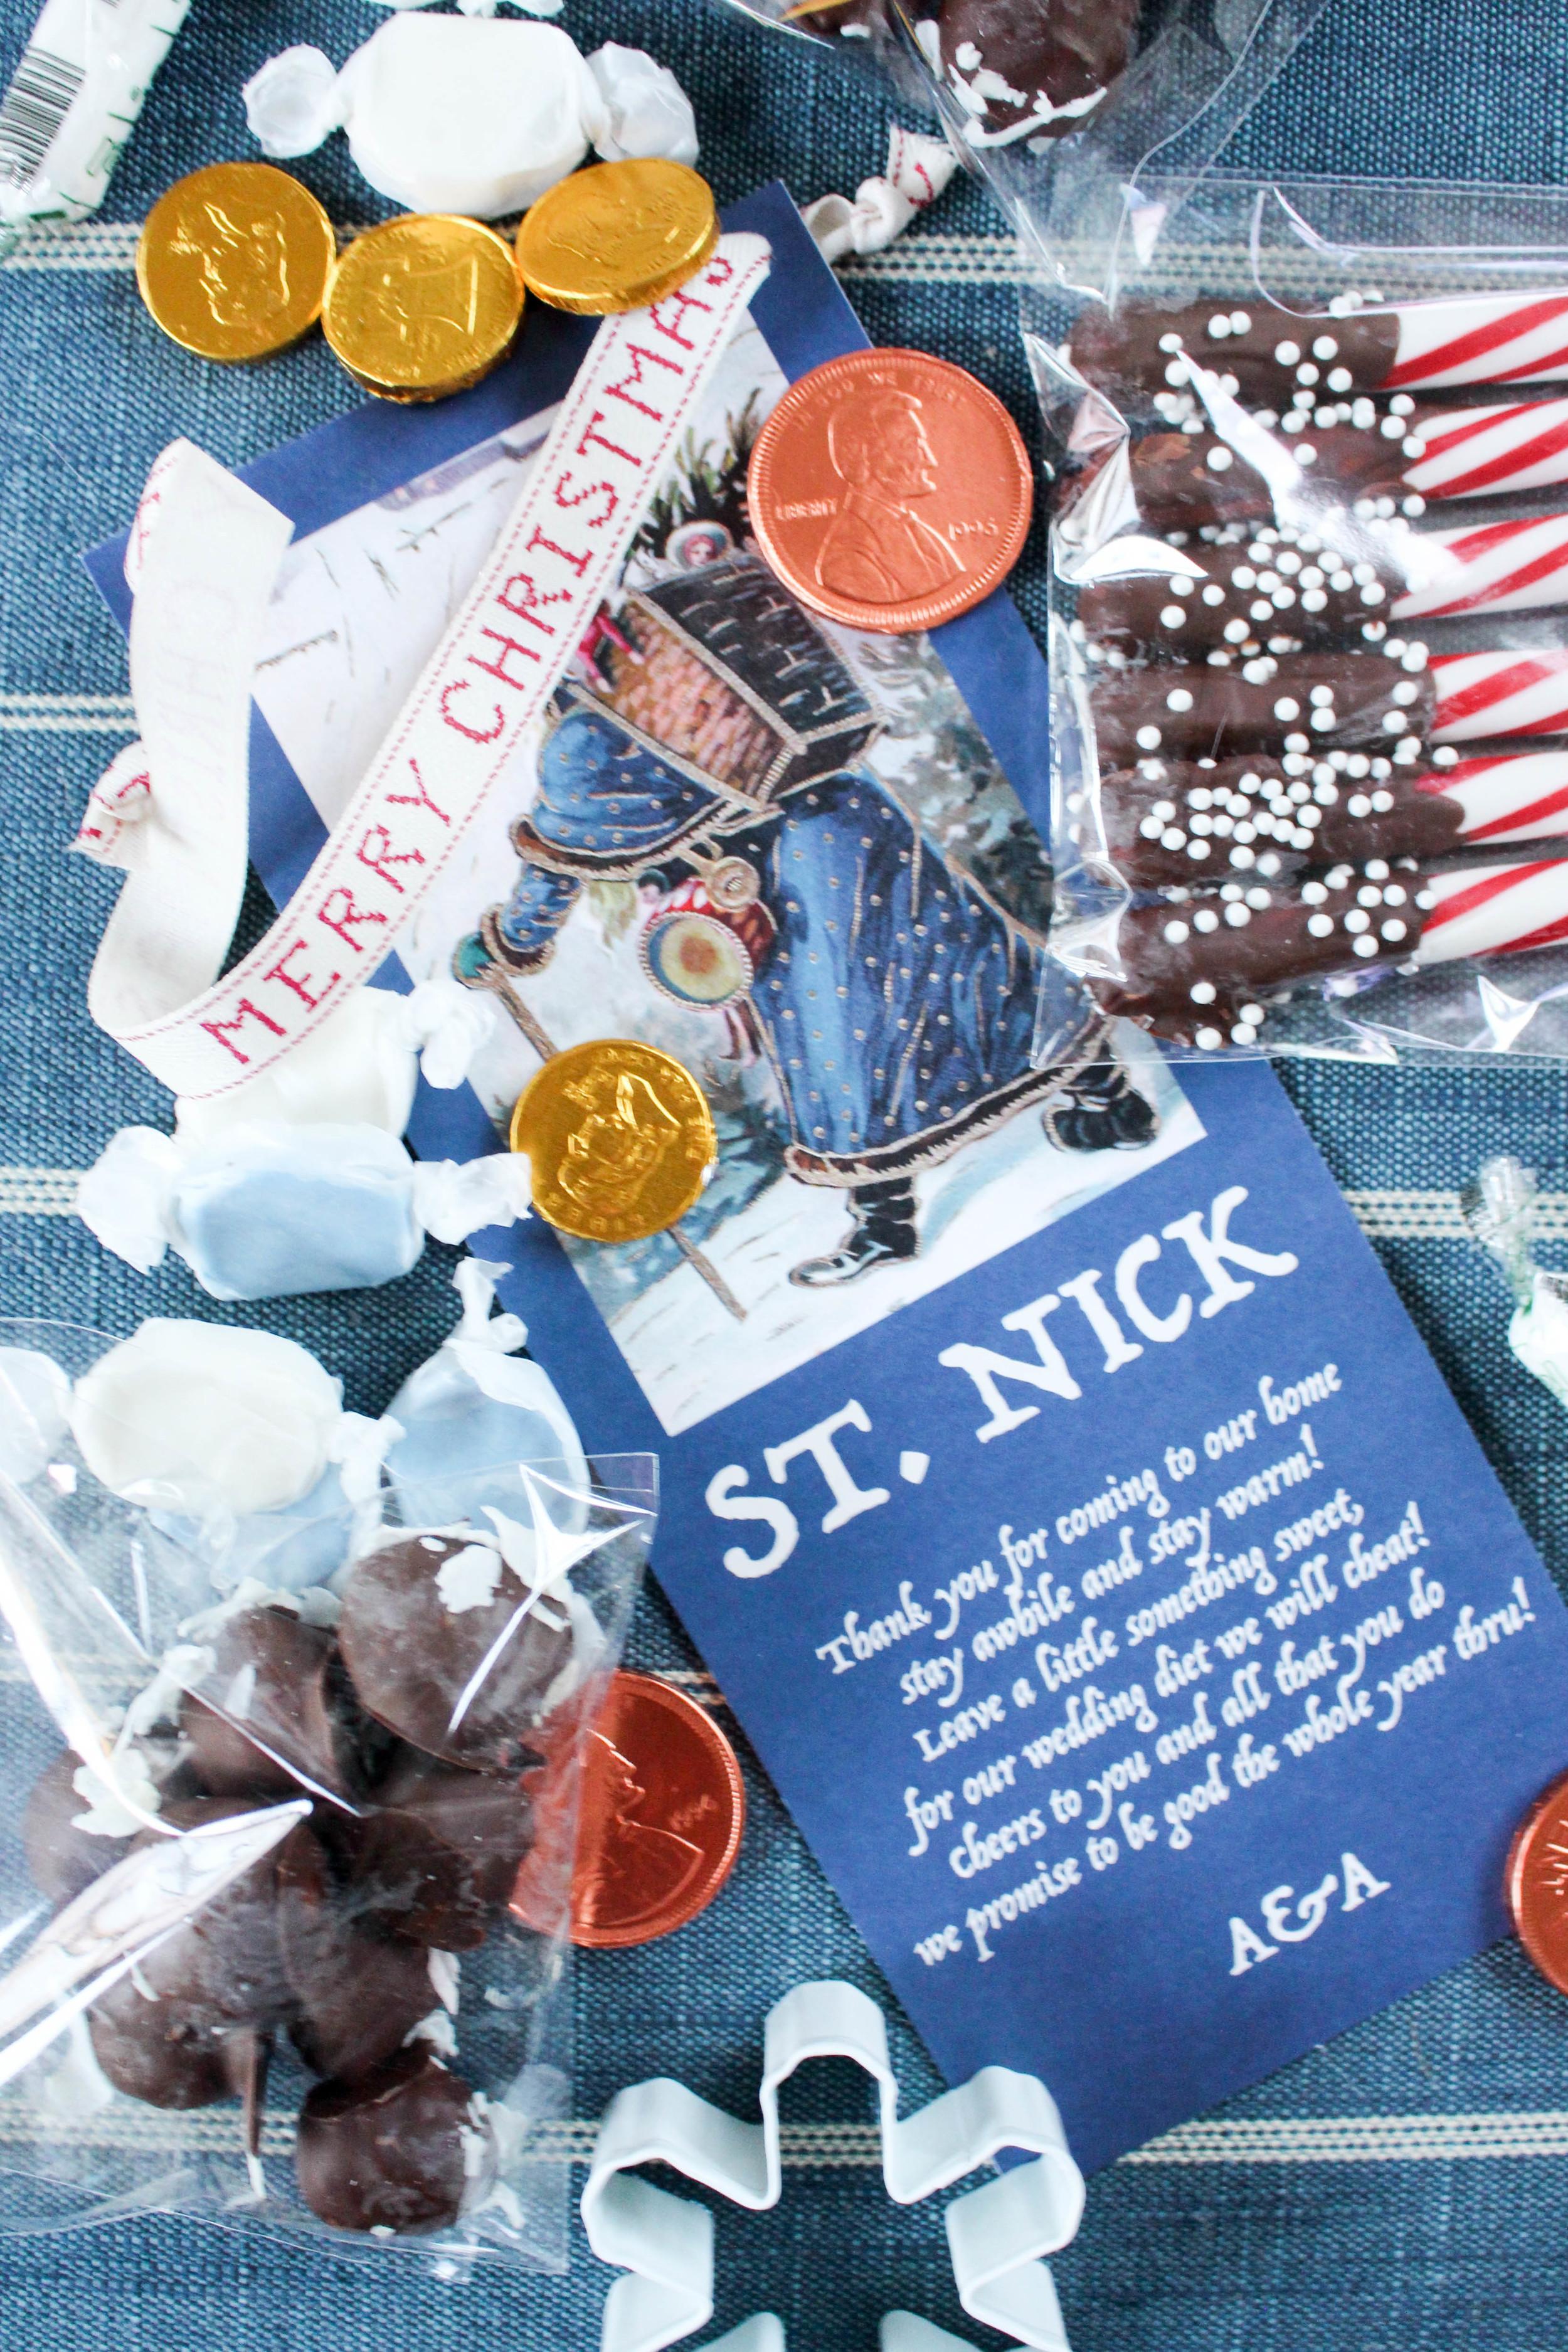 St. Nick Fun